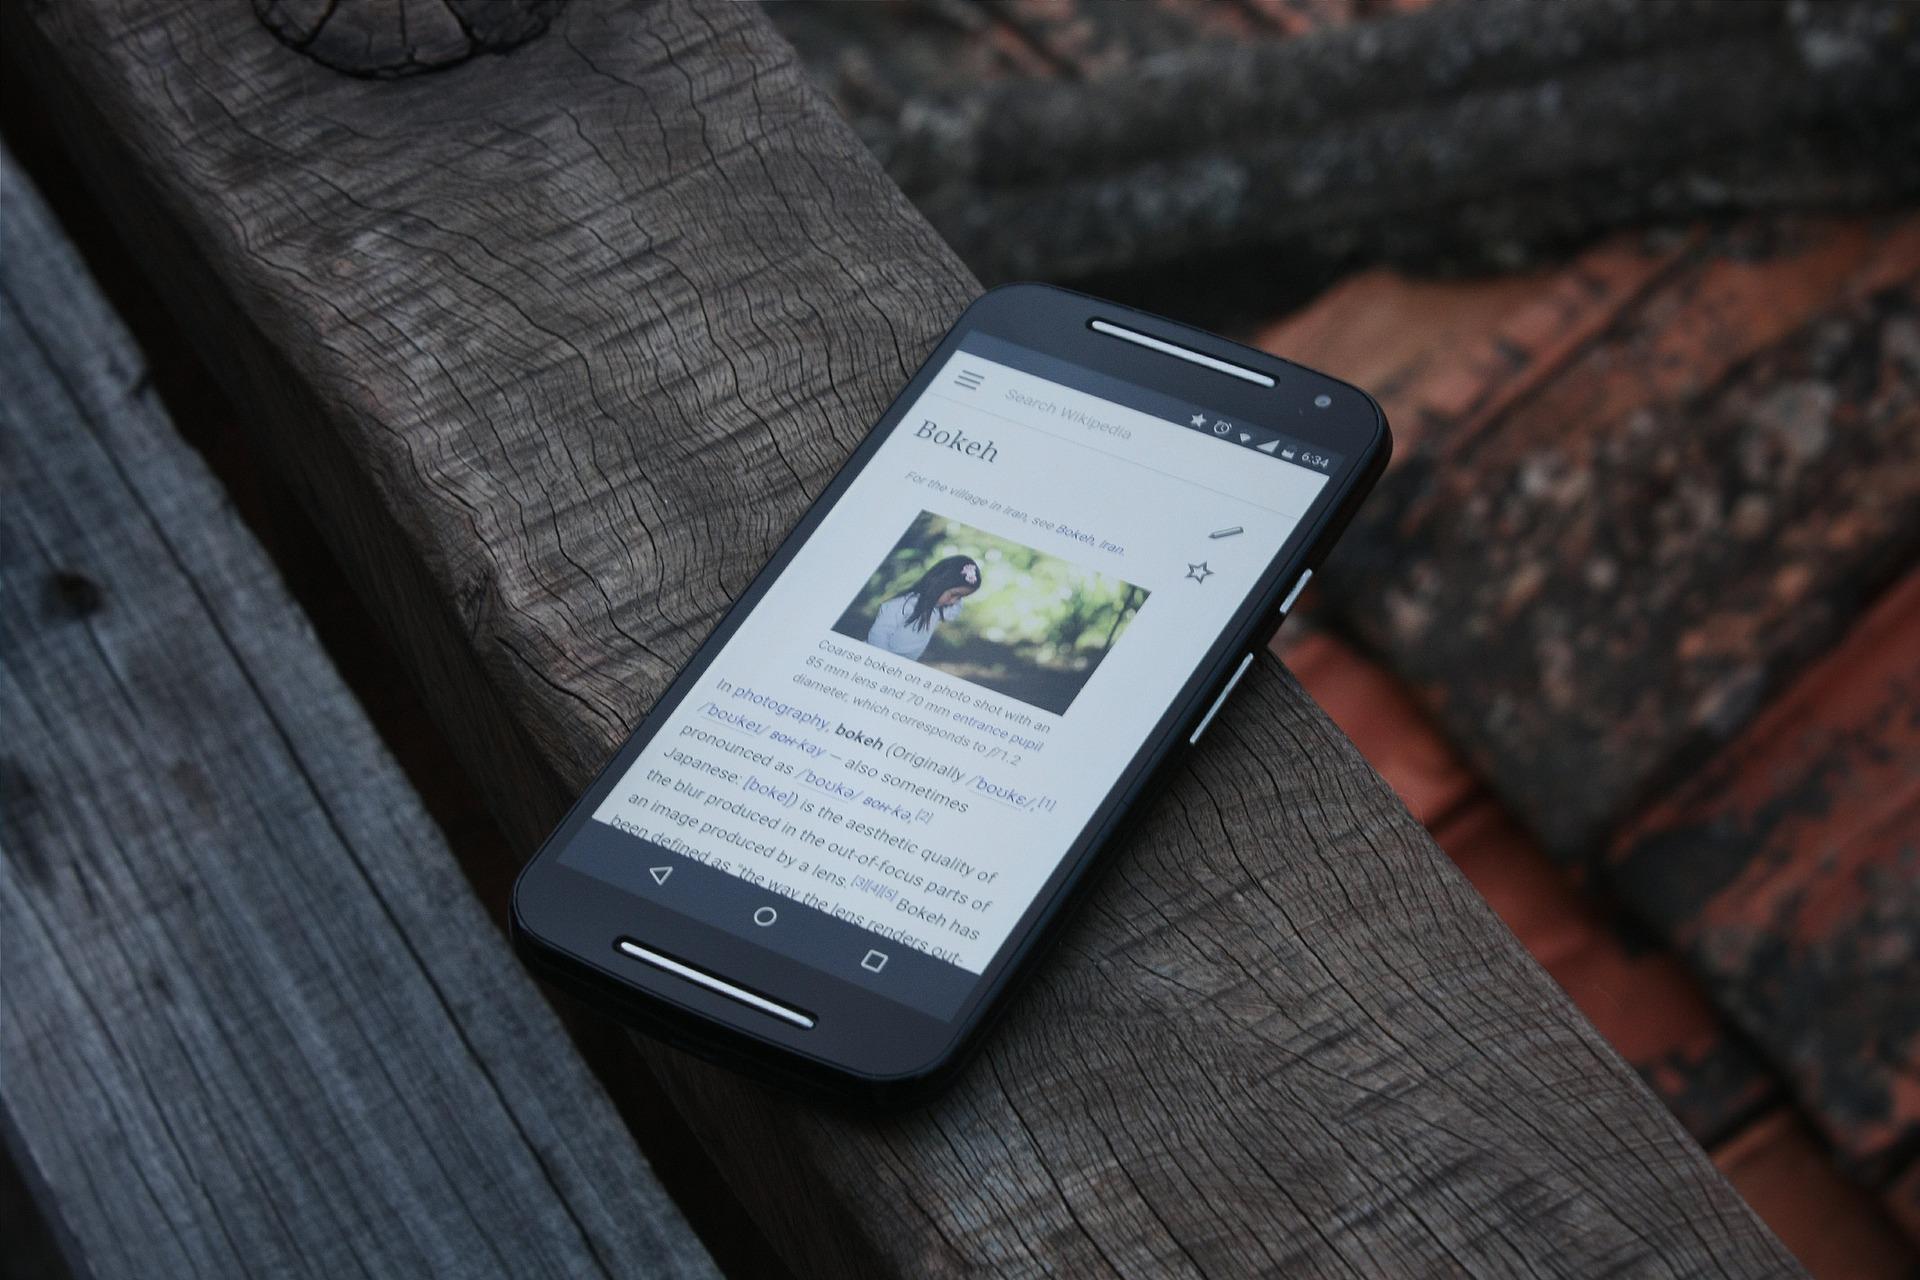 Uso de internet por celular aumentou em 2019; computador diminuiu